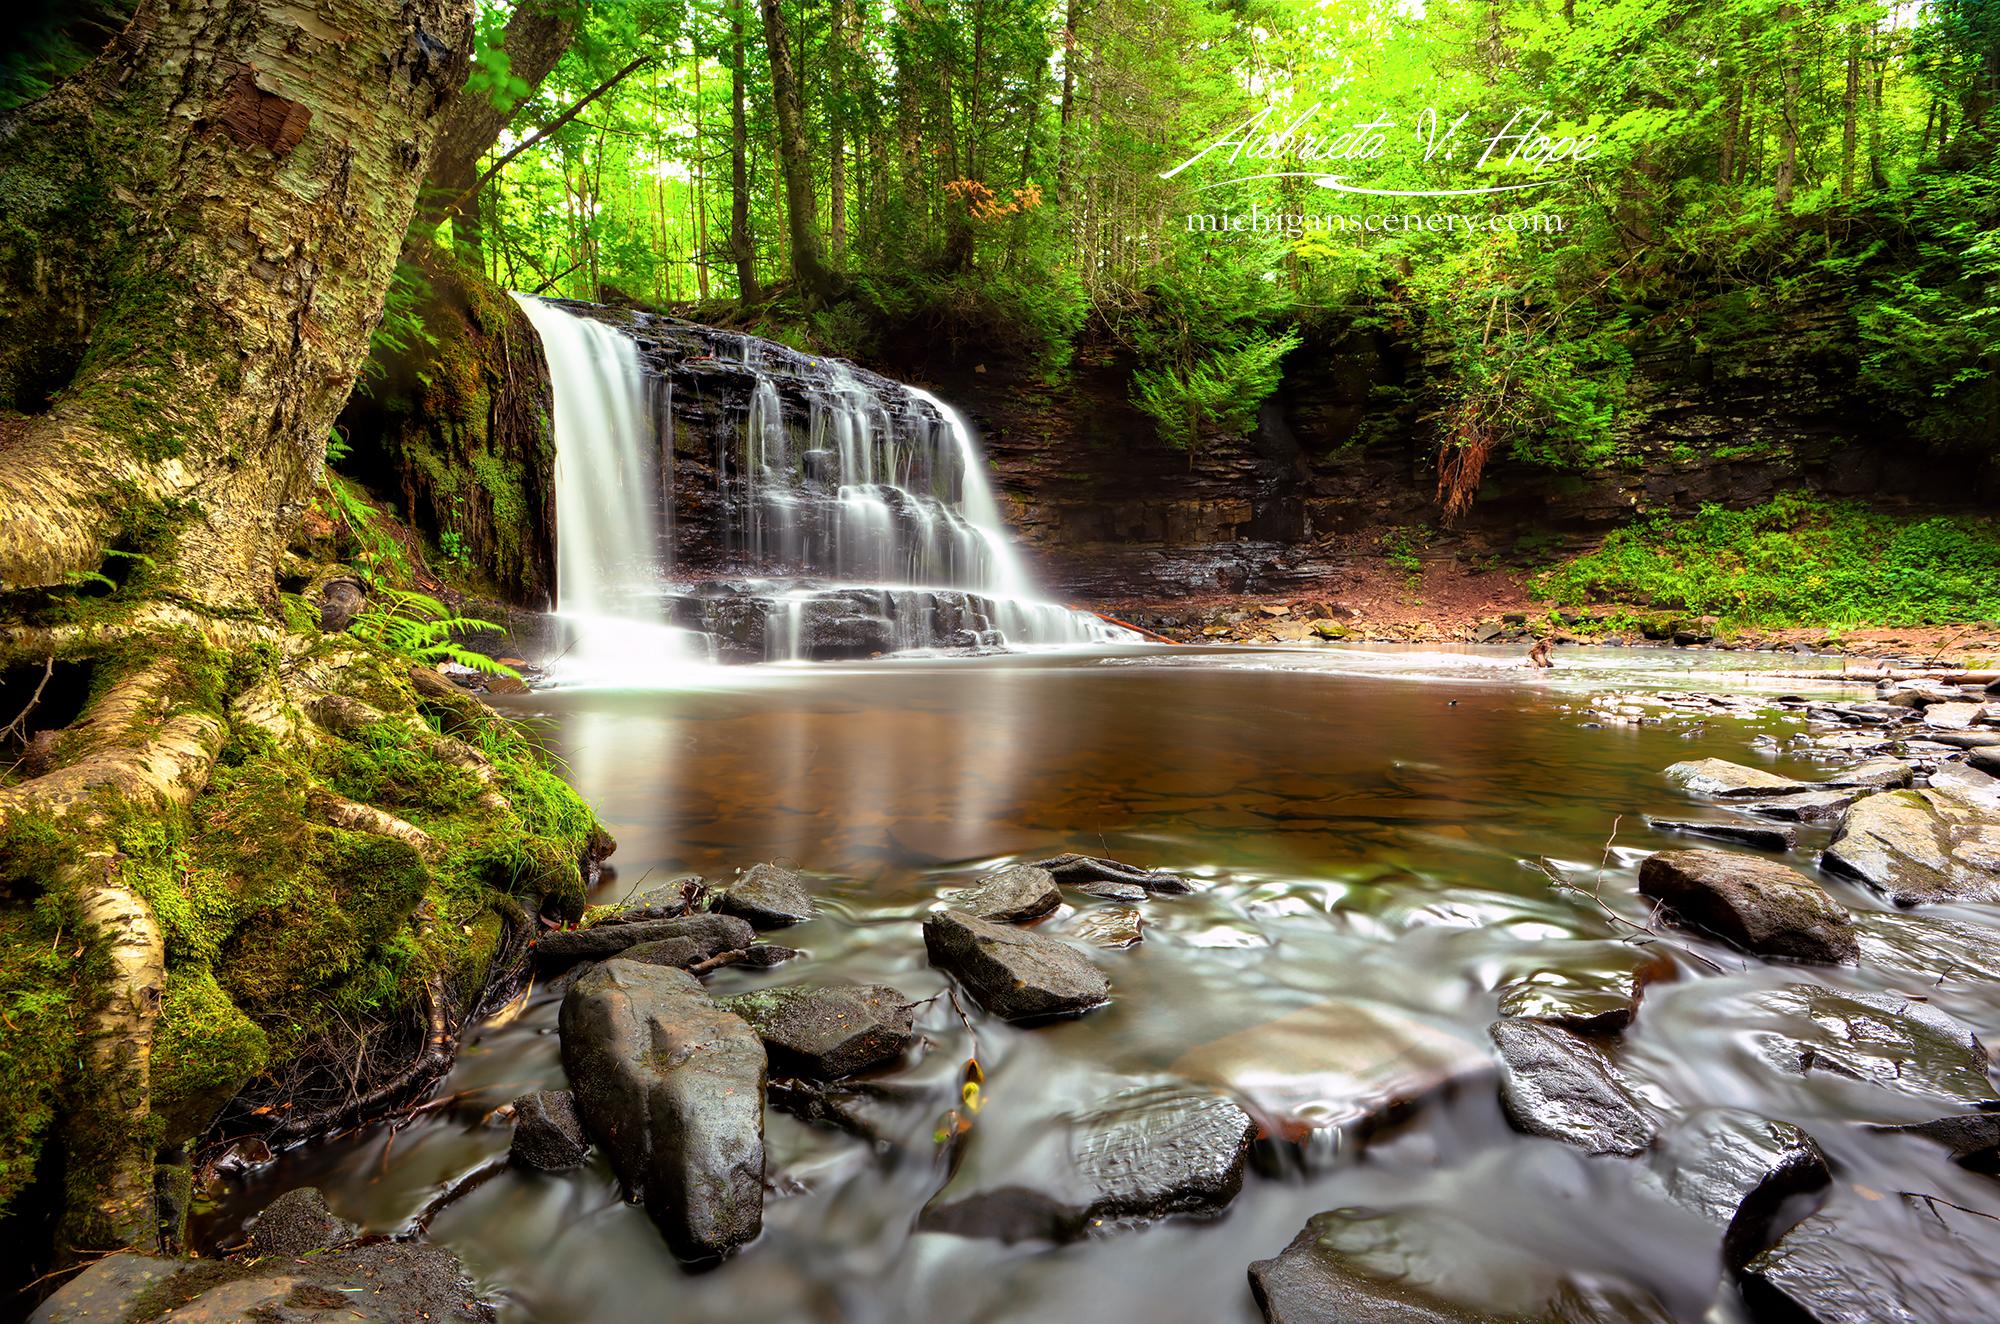 MI16-0915-3552 Rock River Falls in Summer by Aubrieta V Hope Michigan Scenery.jpg